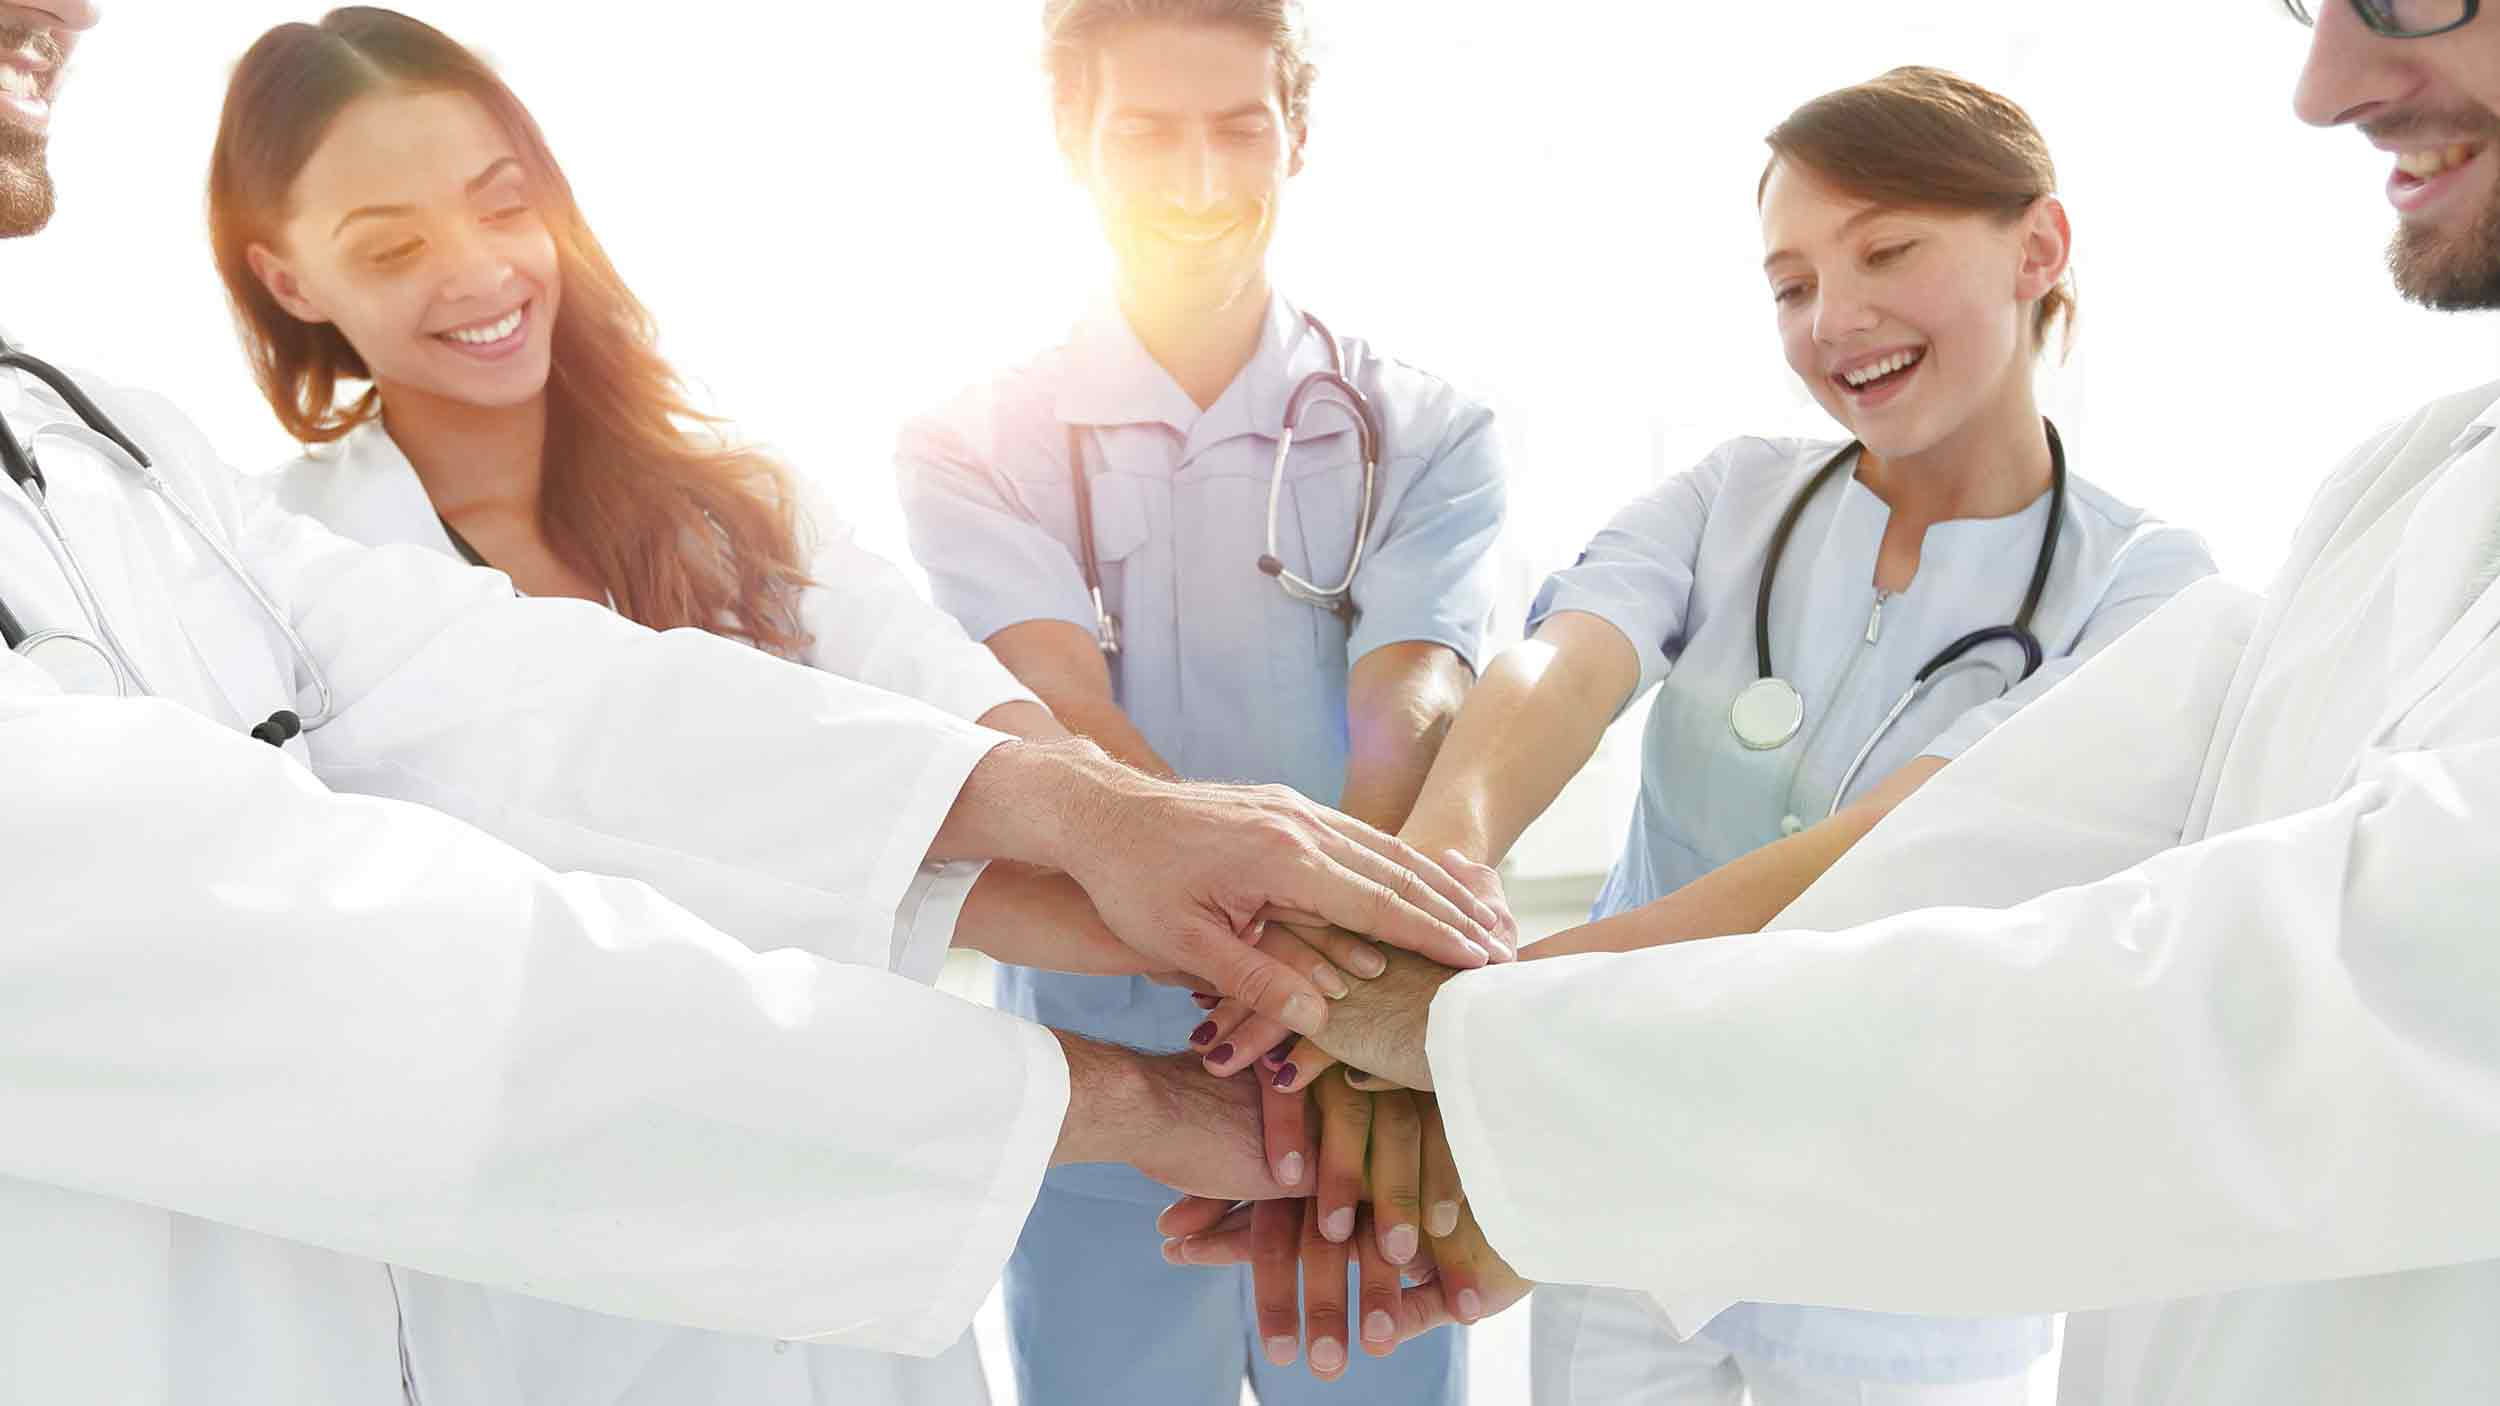 Ärzte und Personal stehen im Kreis legen Hände aufeinander